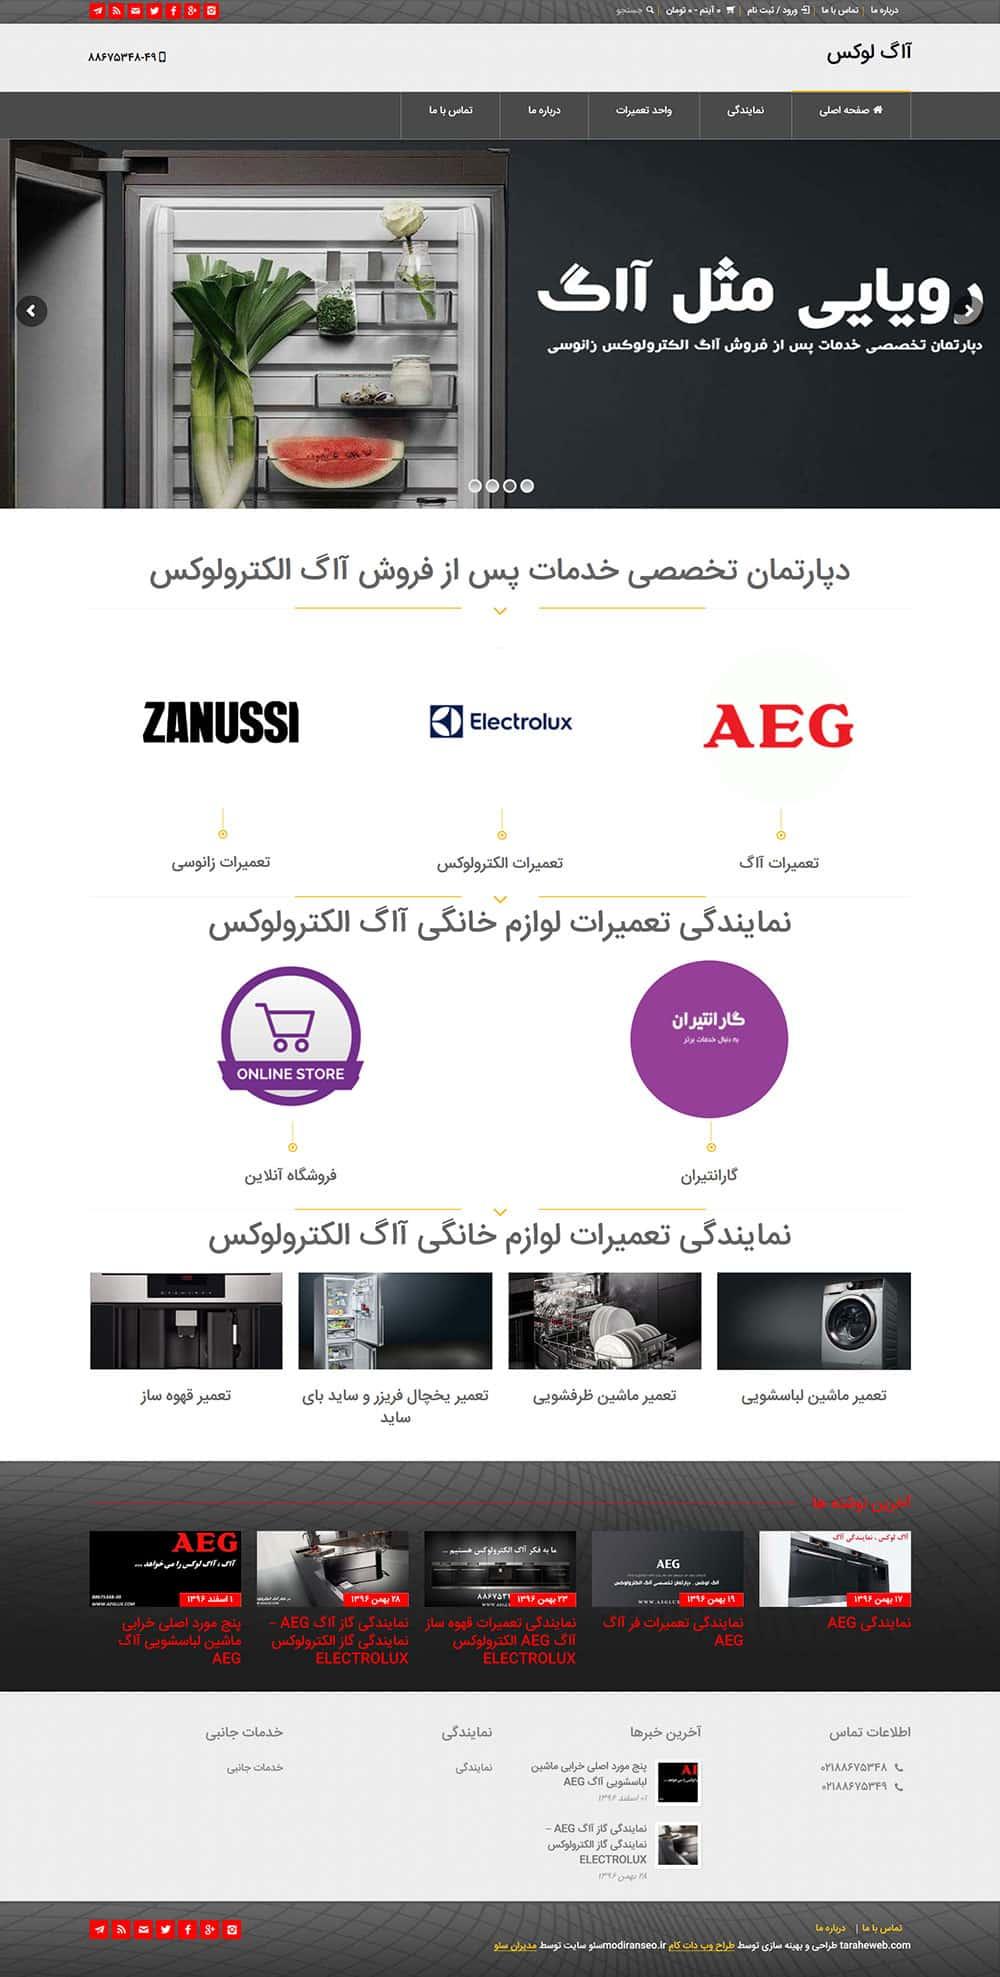 طراحی سایت خدماتی آ ا گ لوکس